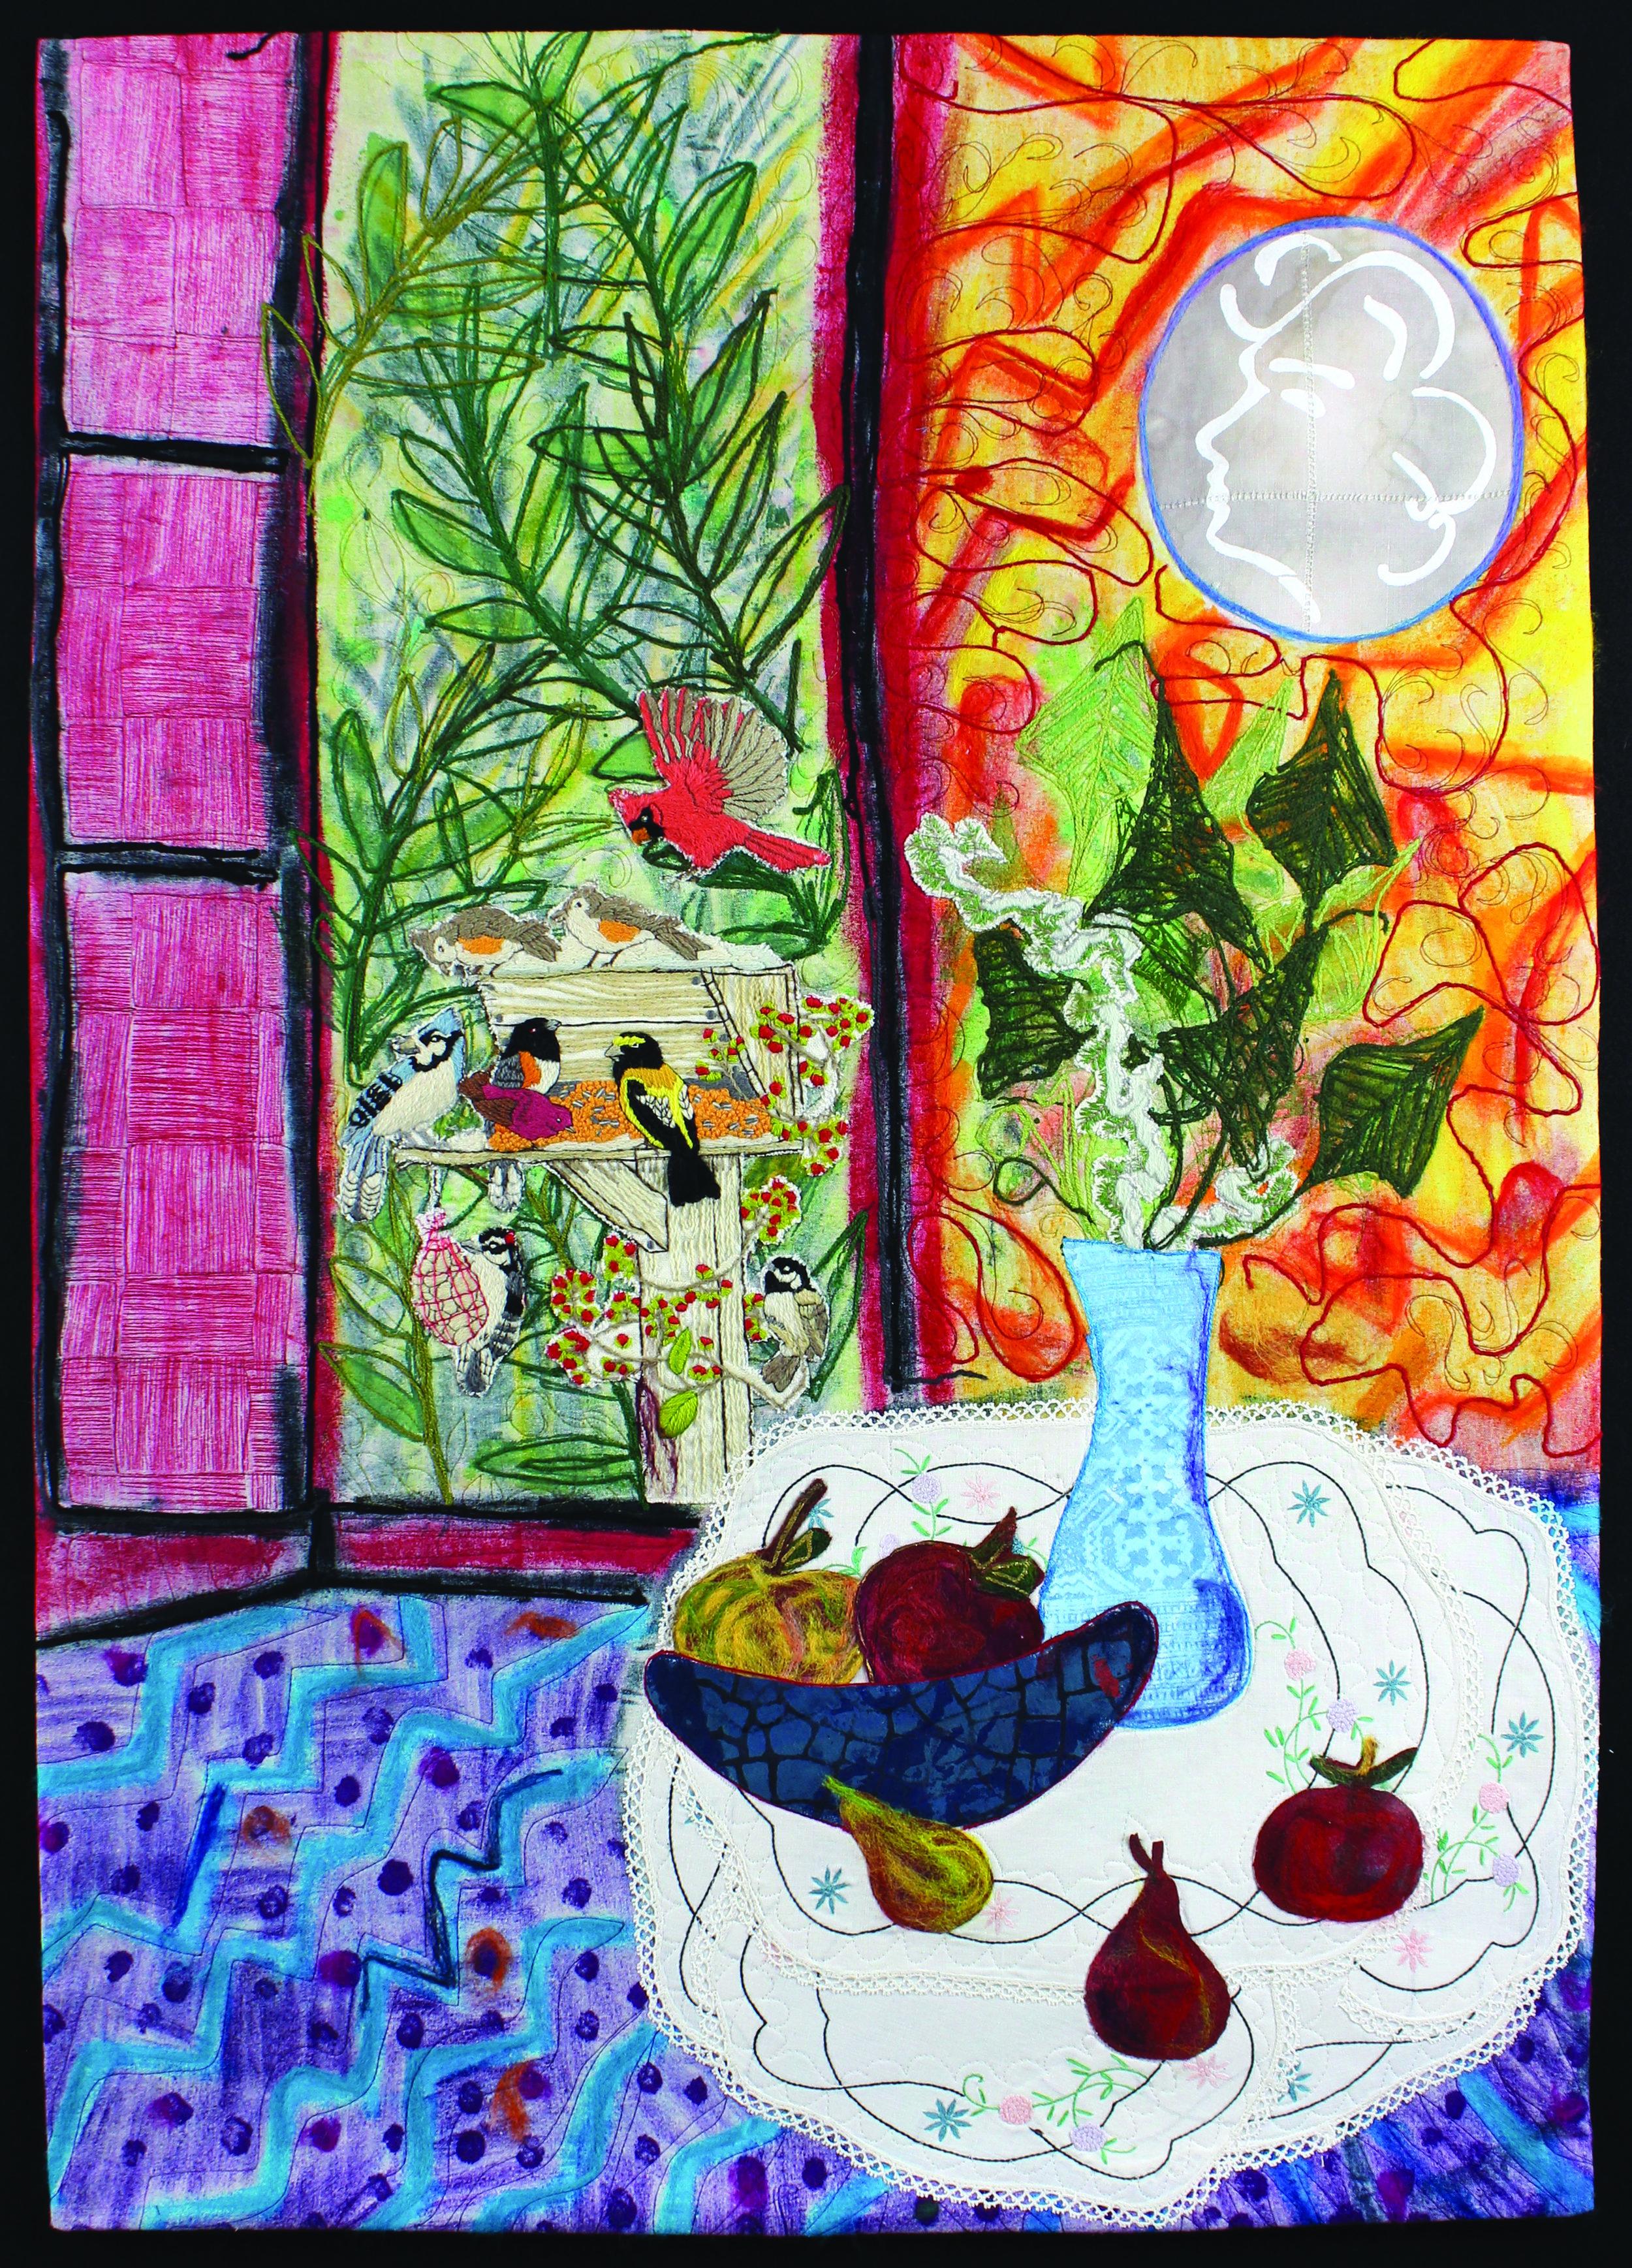 Matisse's Bird Feeder